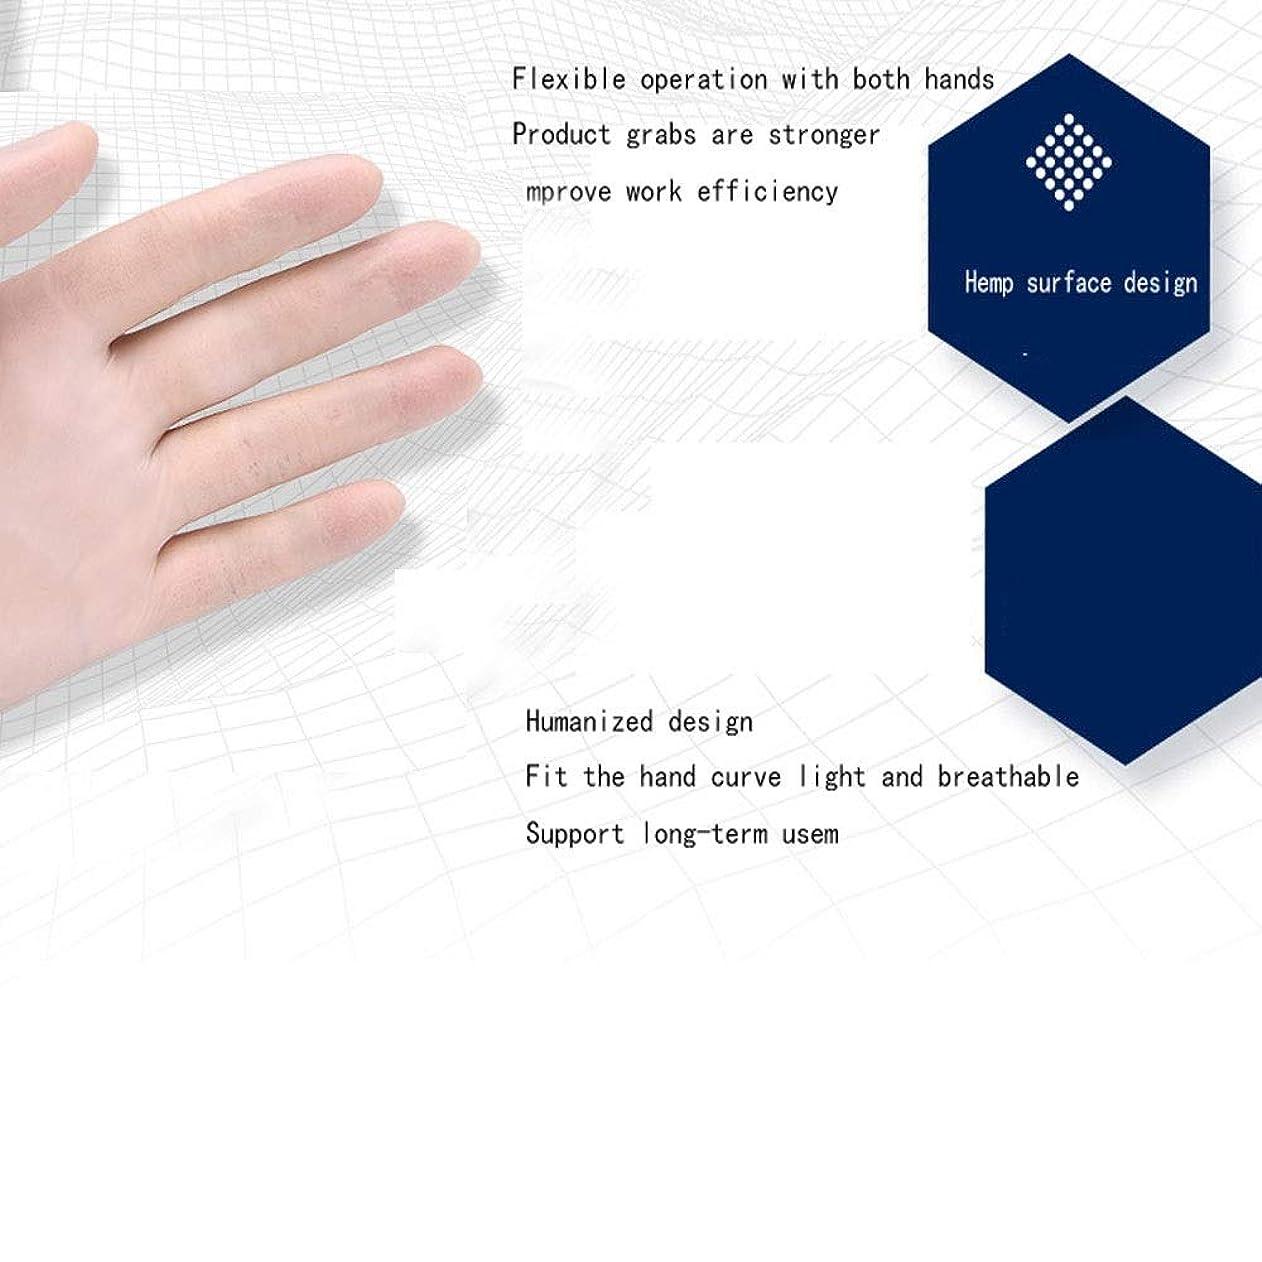 糞同封するスーパーSafeguard Nitri Disposable Gloves、パウダーフリー、食品用グローブ、ラテックスフリー、100 Pcサニタリーグローブ (サイズ さいず : S s)